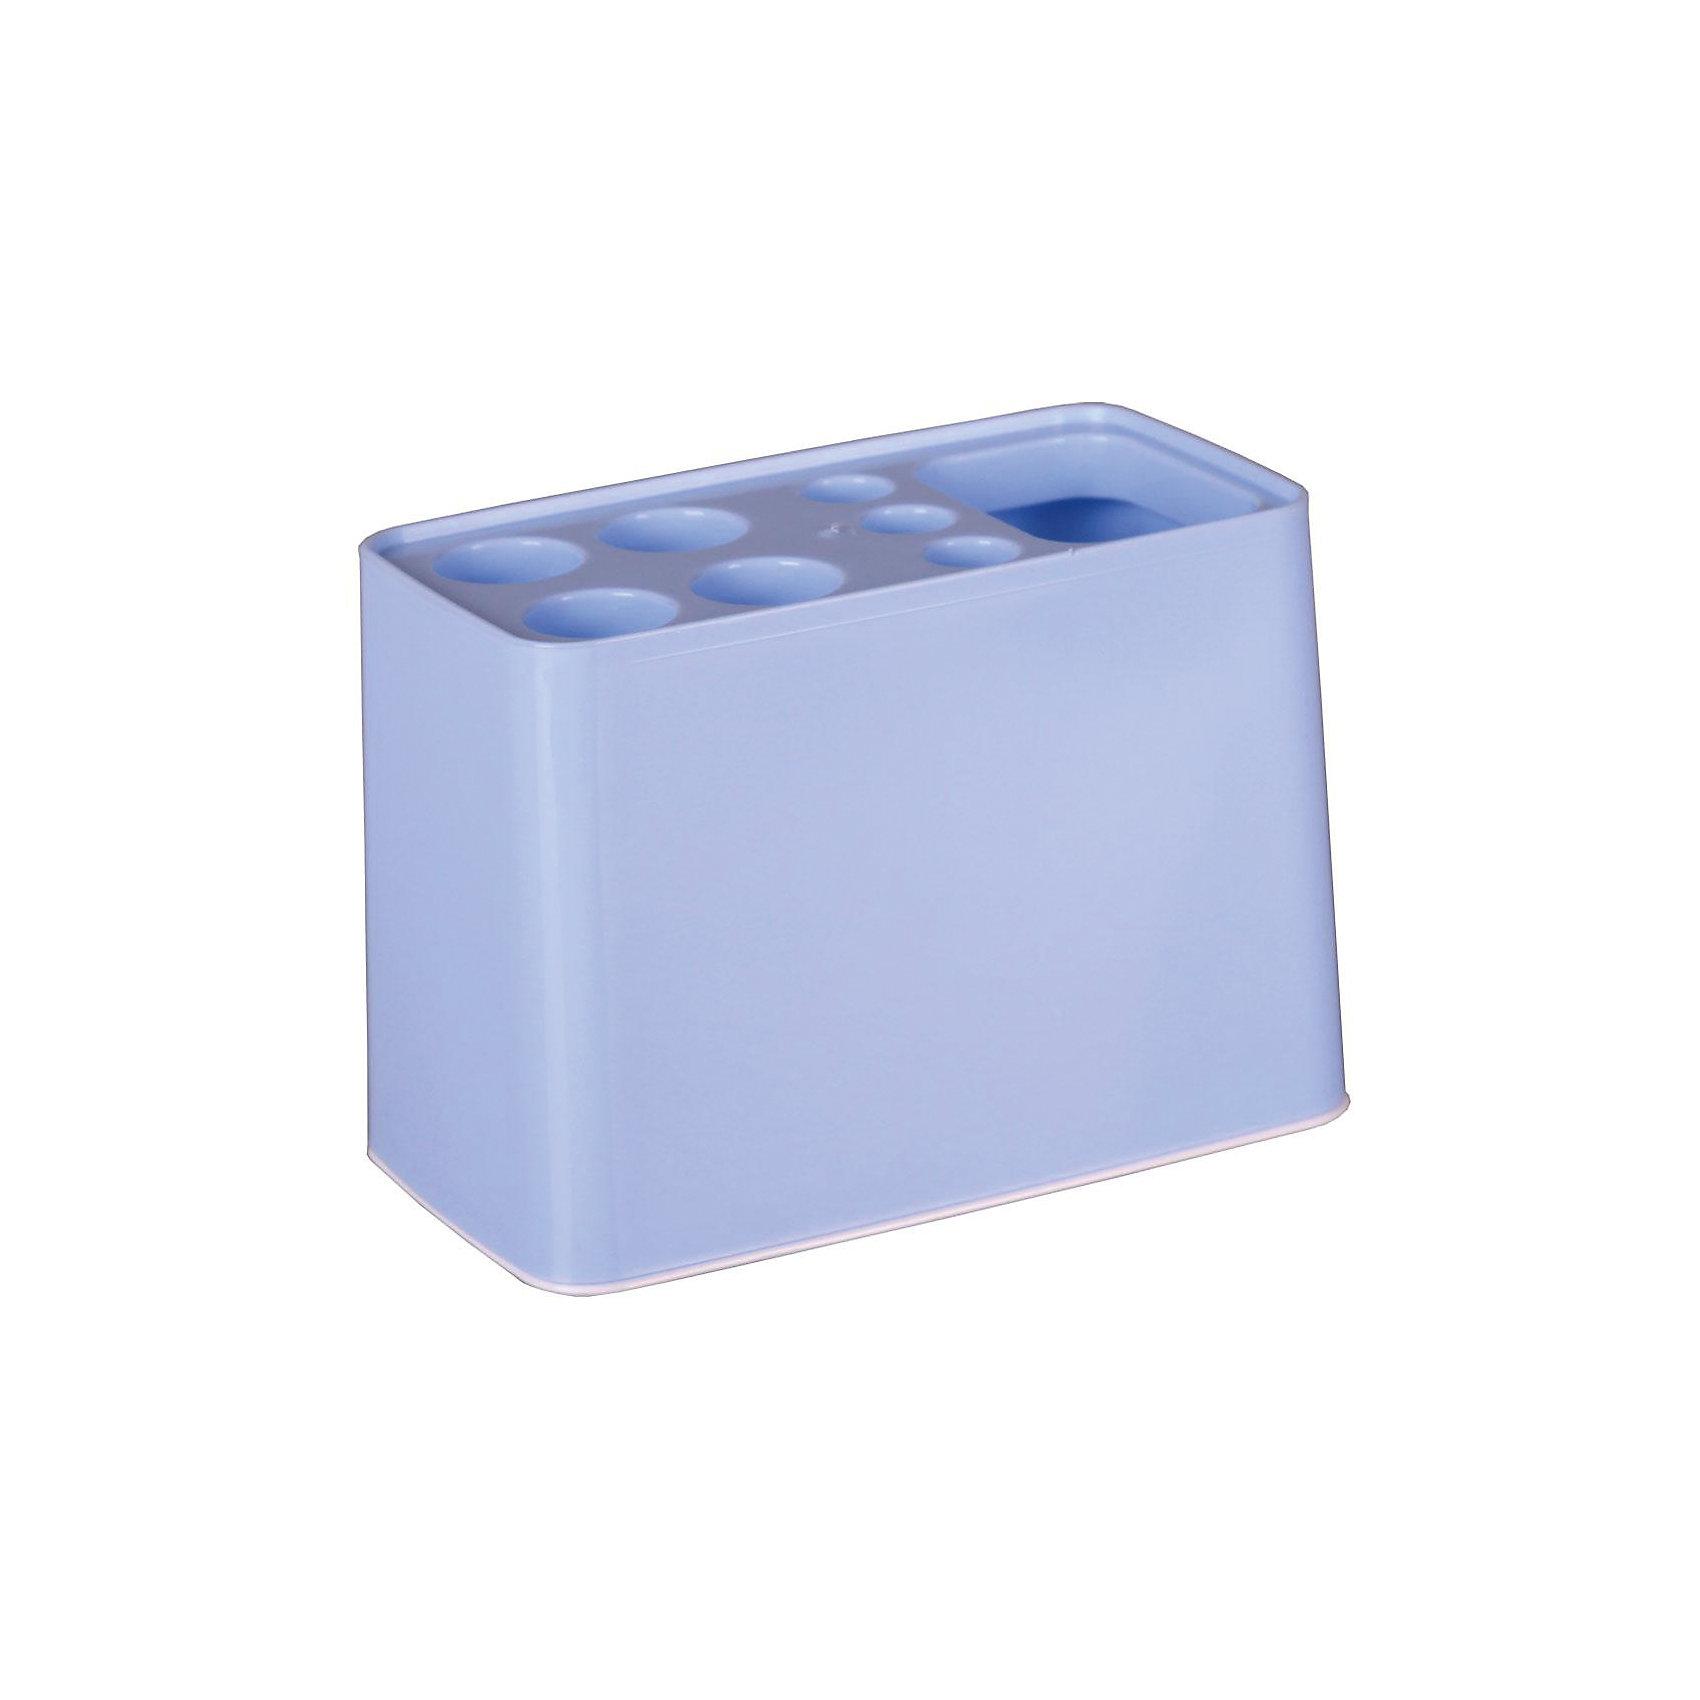 Подставка Дебют для зубных щёток, Alternativa, голубойВанная комната<br>Характеристики:<br><br>• Предназначение: для хранения зубных щеток и зубной пасты<br>• Материал: пластик<br>• Цвет: голубой<br>• Размер (Д*Ш*В): 29*26*26 см<br>• Форма: прямоугольный<br>• Особенности ухода: разрешается мыть теплой водой<br><br>Подставка Дебют для зубных щёток, Alternativa, голубой изготовлена отечественным производителем ООО ЗПИ Альтернатива, который специализируется на выпуске широкого спектра изделий из пластика. Изделие выполнено из безопасного и прочного пластика, устойчивого к механическим повреждениям. Подставка имеет прямоугольныйольную форму, что обеспечивает ее компактный размер при высокой вместимости предметов: 4 больших и 3 маленьких отверстия для зубных щеток, также предусмотрено отверстие для хранения зубной пасты. Подставка оснащена съемным дном, благодаря чему изделие очень легкое в уходе. Подставка Дебют для зубных щёток, Alternativa, голубой обеспечит порядок и сохранность зубных щеток в вашей ванной комнате.<br><br>Подставку Дебют для зубных щёток, Alternativa, голубую можно купить в нашем интернет-магазине.<br><br>Ширина мм: 105<br>Глубина мм: 105<br>Высота мм: 125<br>Вес г: 76<br>Возраст от месяцев: -2147483648<br>Возраст до месяцев: 2147483647<br>Пол: Мужской<br>Возраст: Детский<br>SKU: 5096655